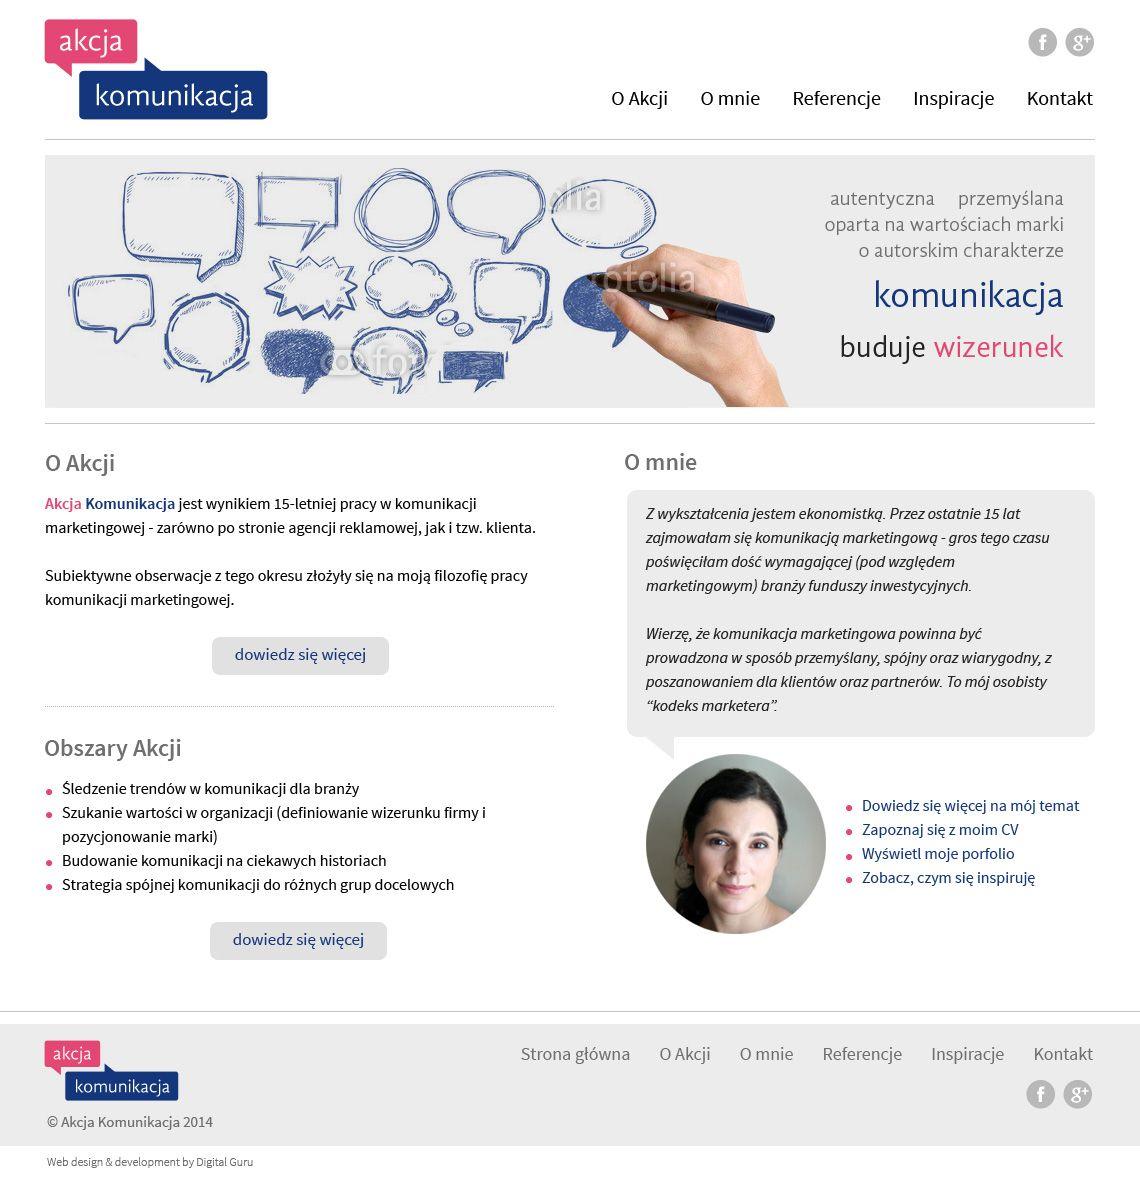 Identyfikacja wizualna i strona www firmy